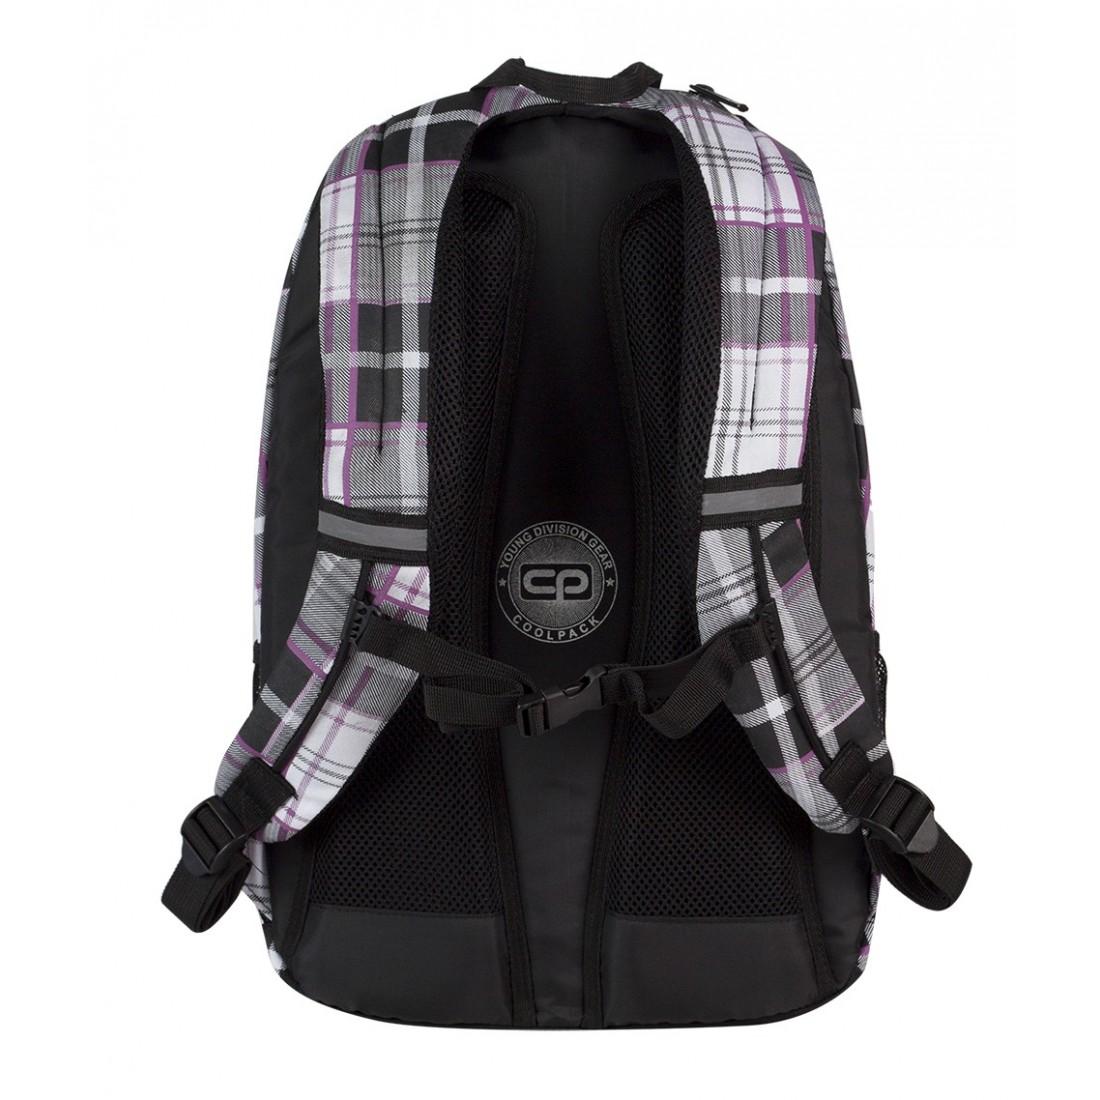 Plecak młodzieżowy CoolPack CP czarno - biały w kratkę URBAN POLO 361 - plecak-tornister.pl